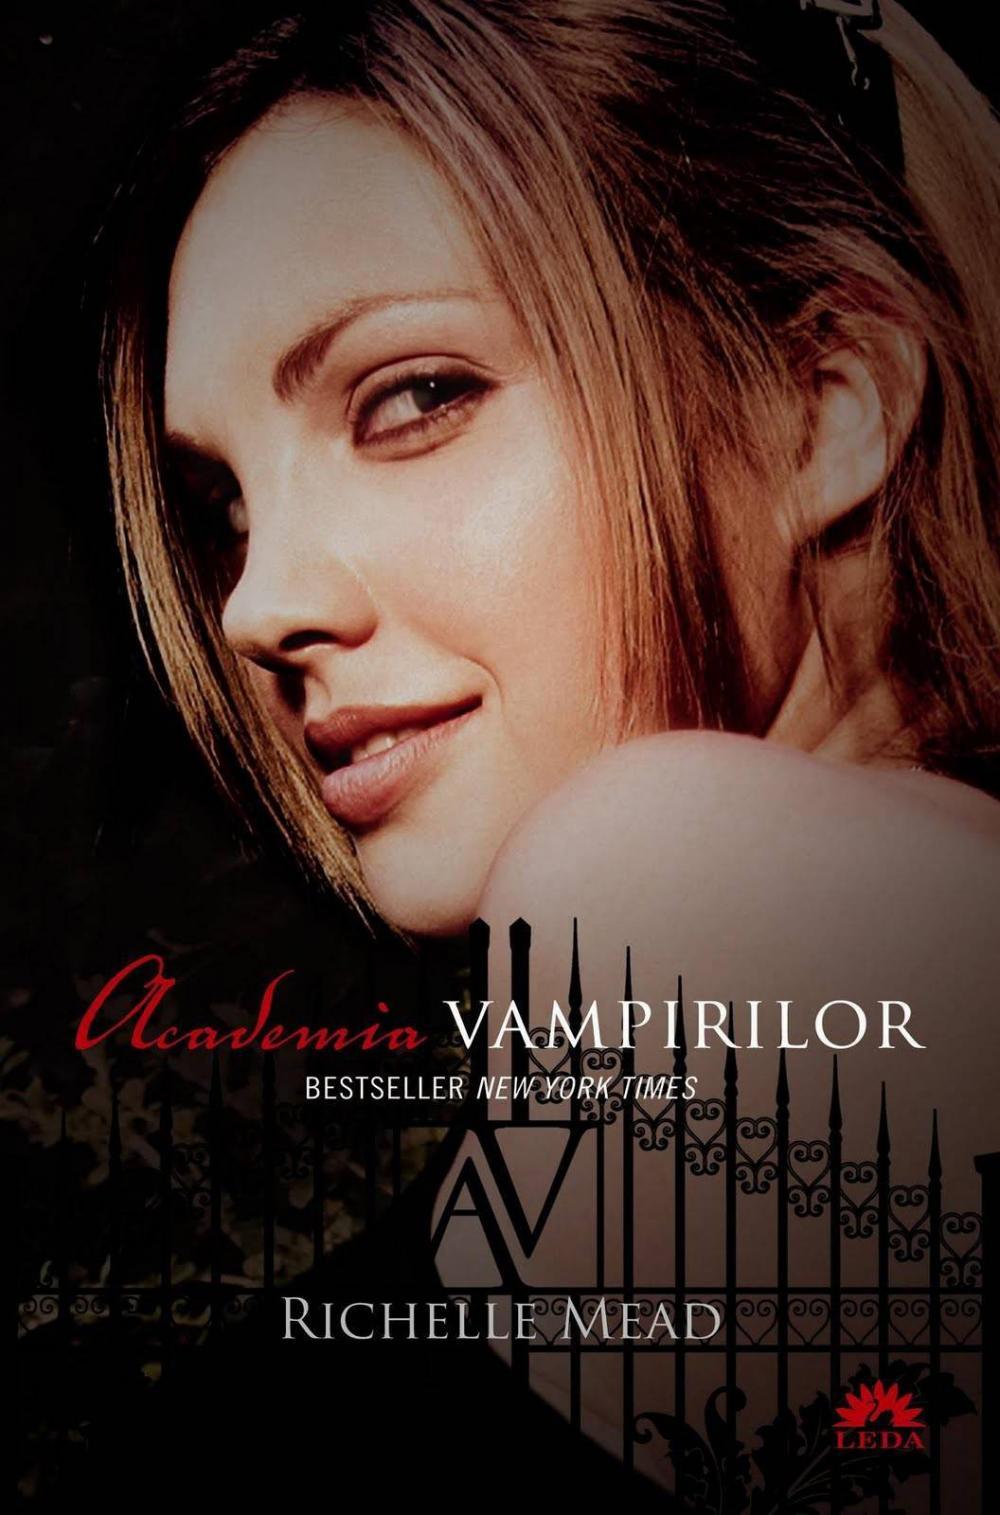 ACADEMIA VAMPIRILOR VOLUMUL 1 EDITIE FILM 2014